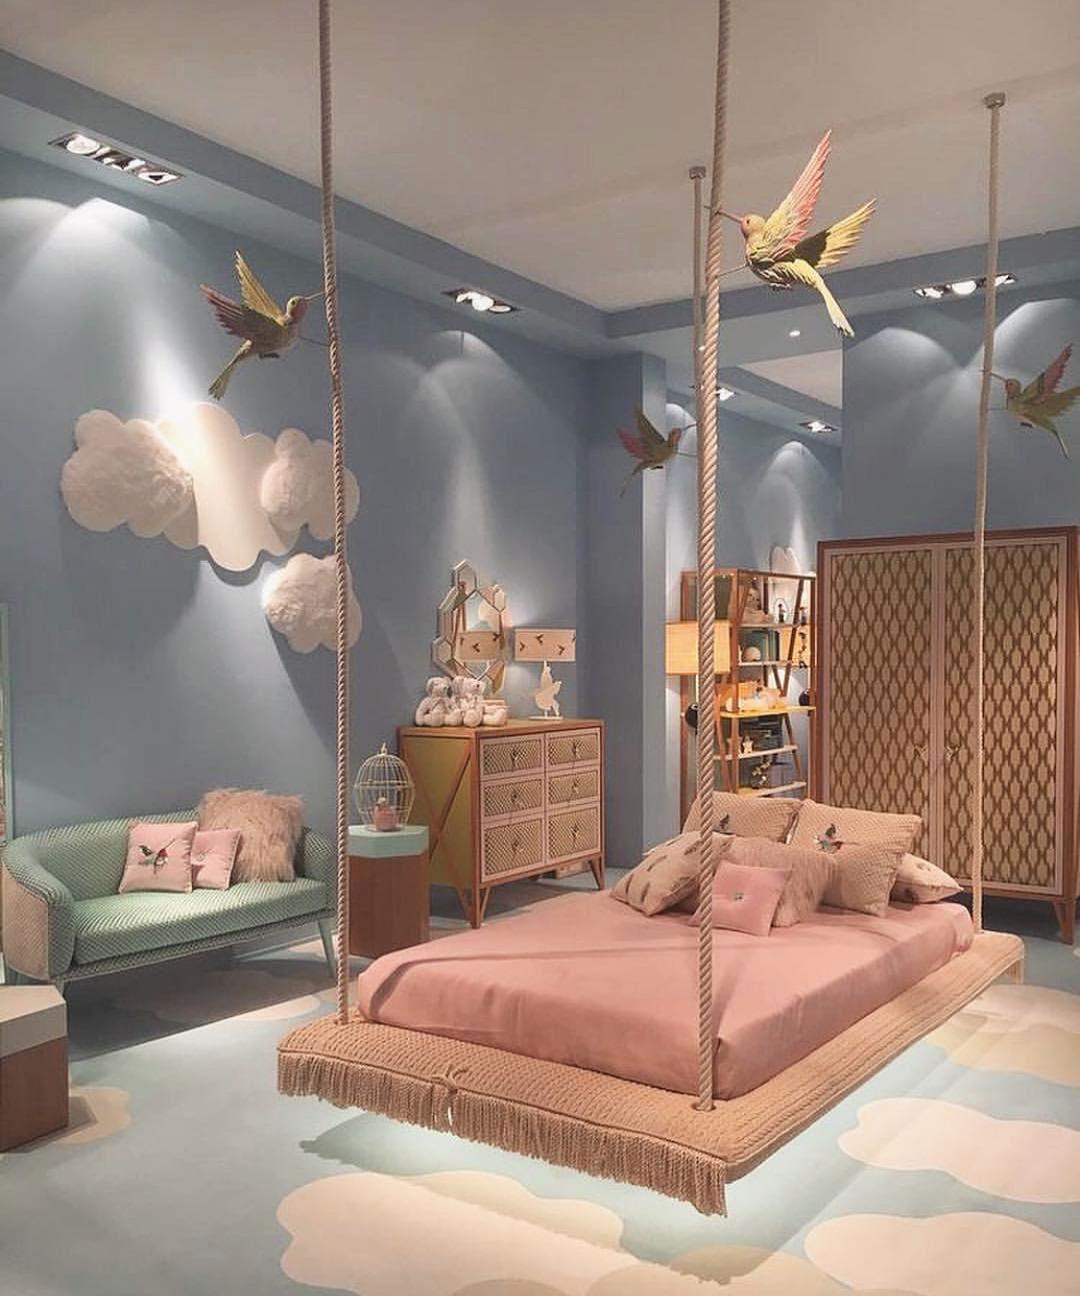 Lit Suspendu Pour Petite Fille Princesse Chambre Kids